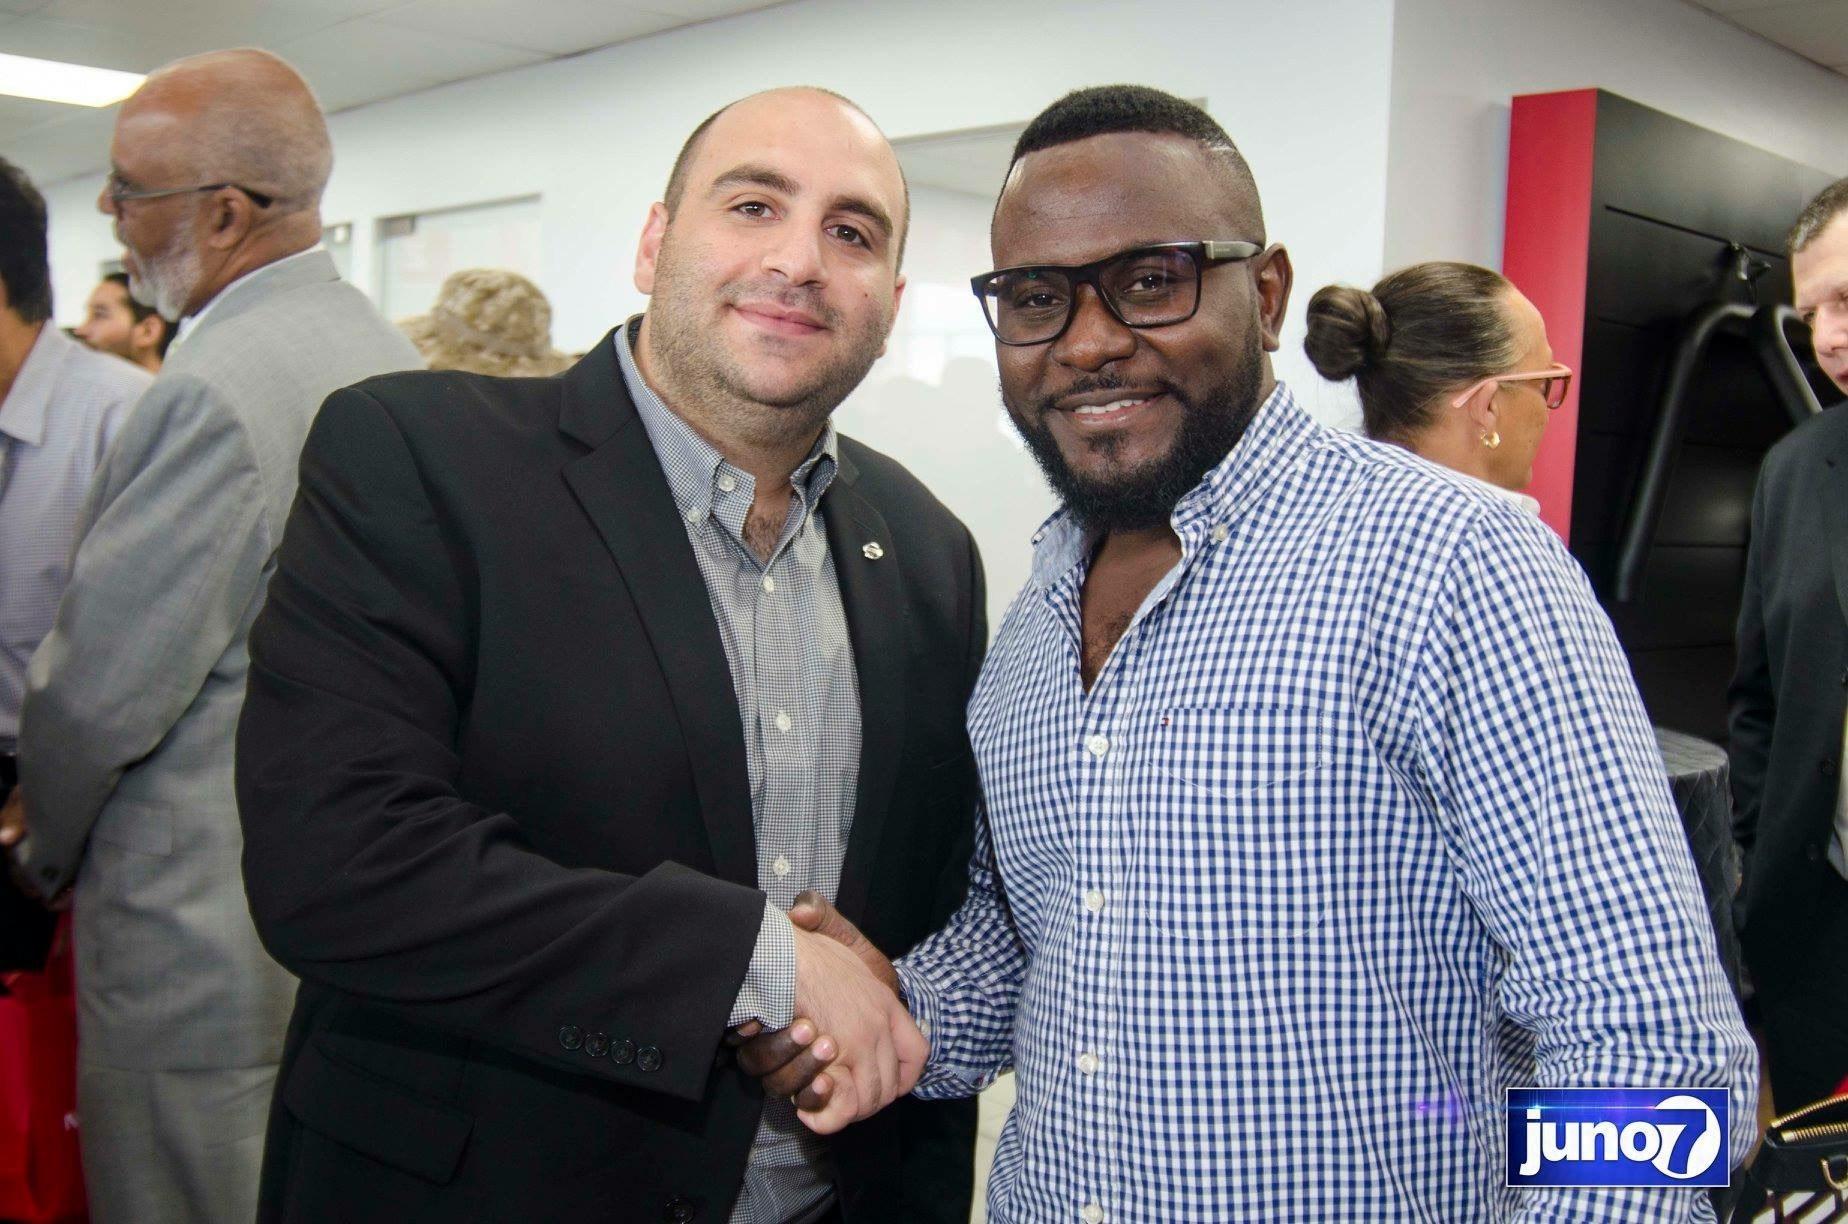 La Nissan Universal Motors inaugure le plus grand showroom de la caraïbe et de l'Amérique latine 40